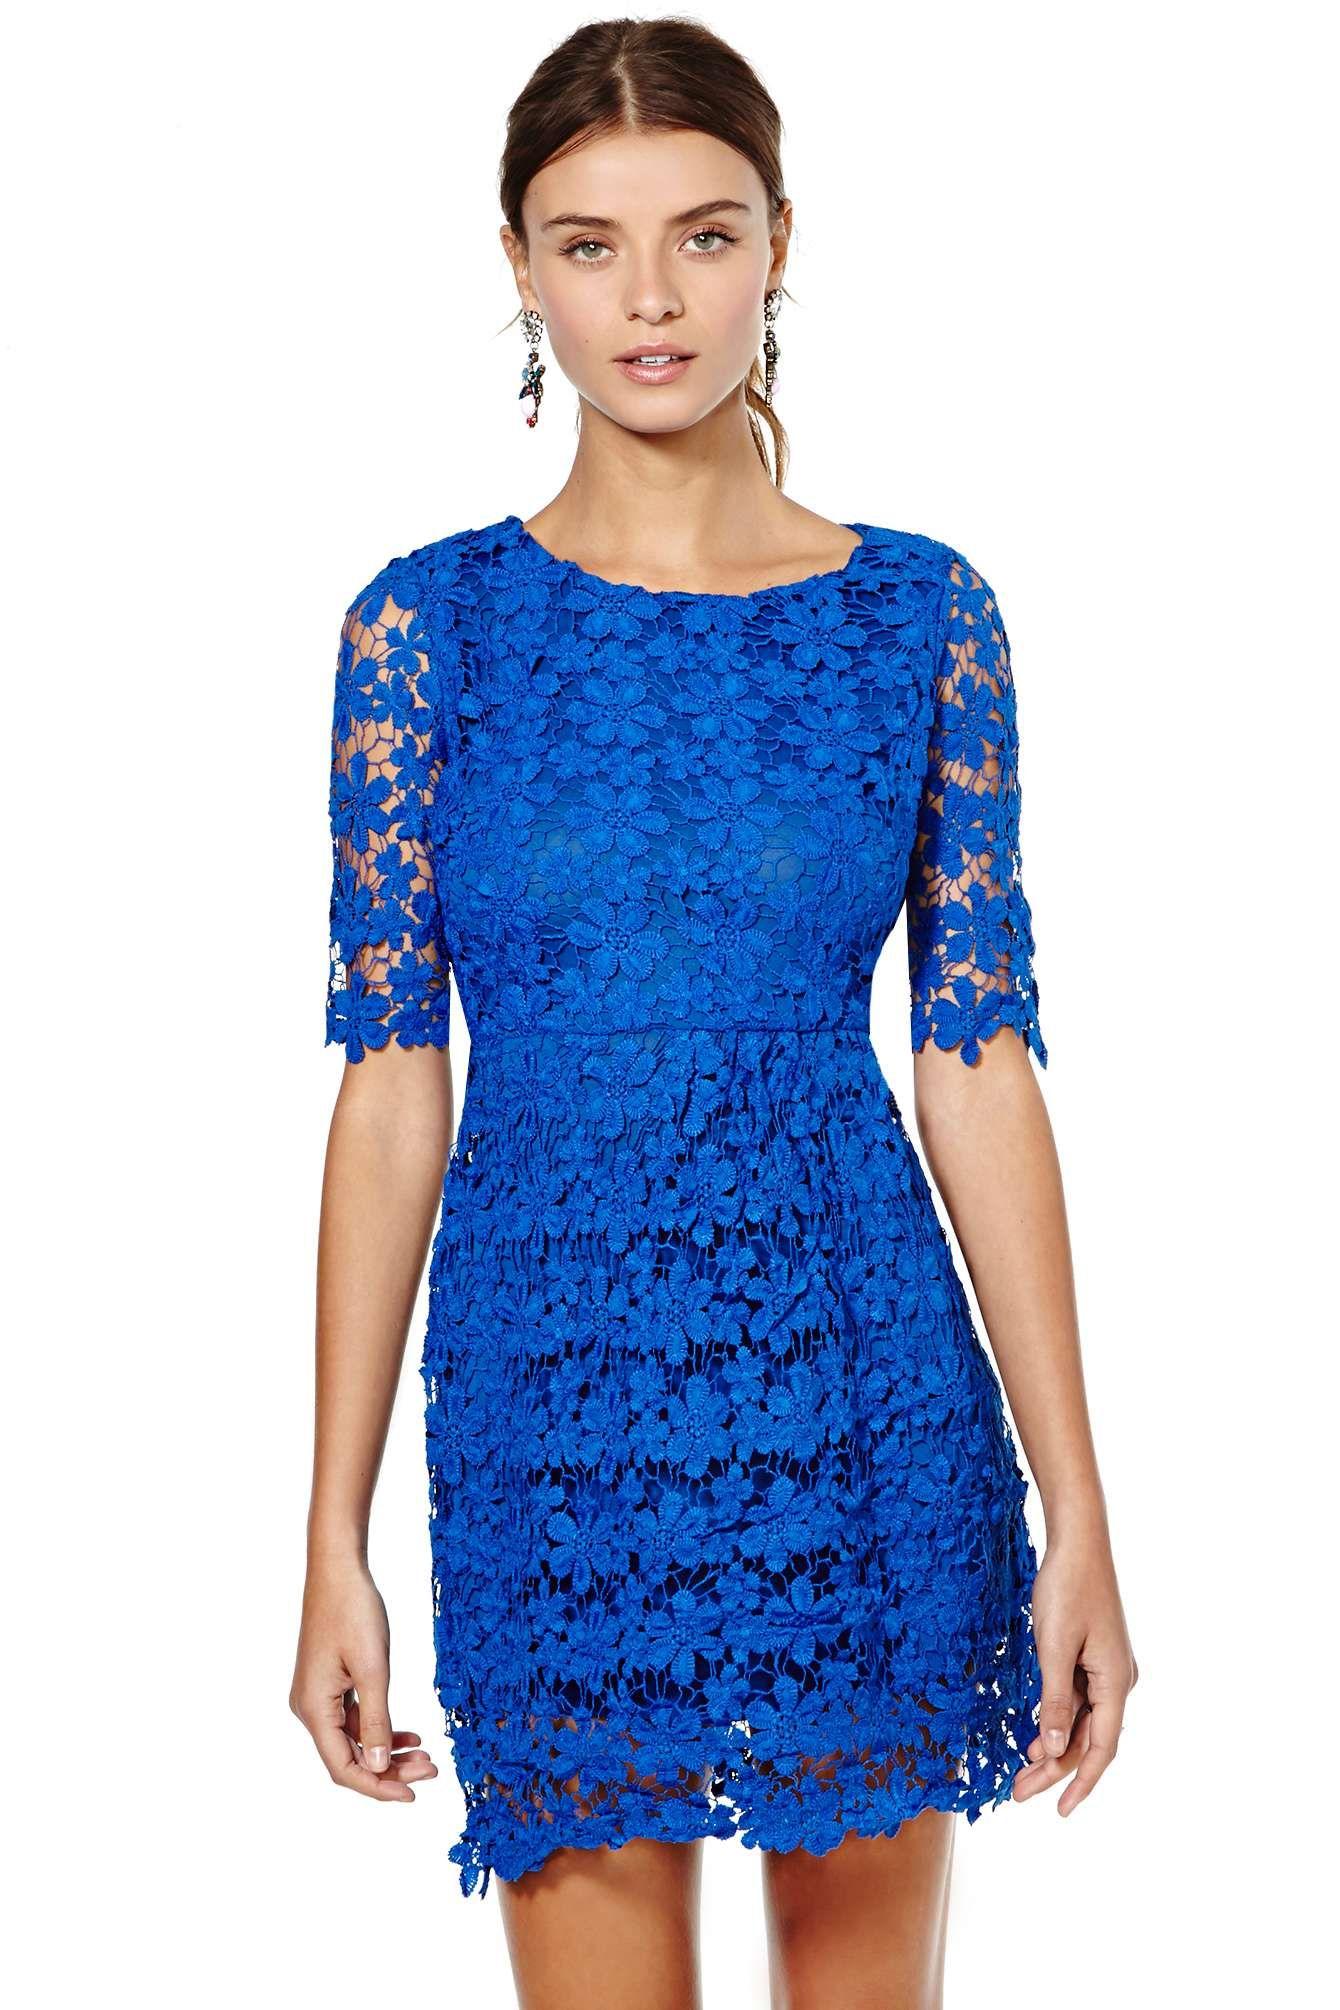 Royal blue wedding guest dress vestidos top pinterest blue